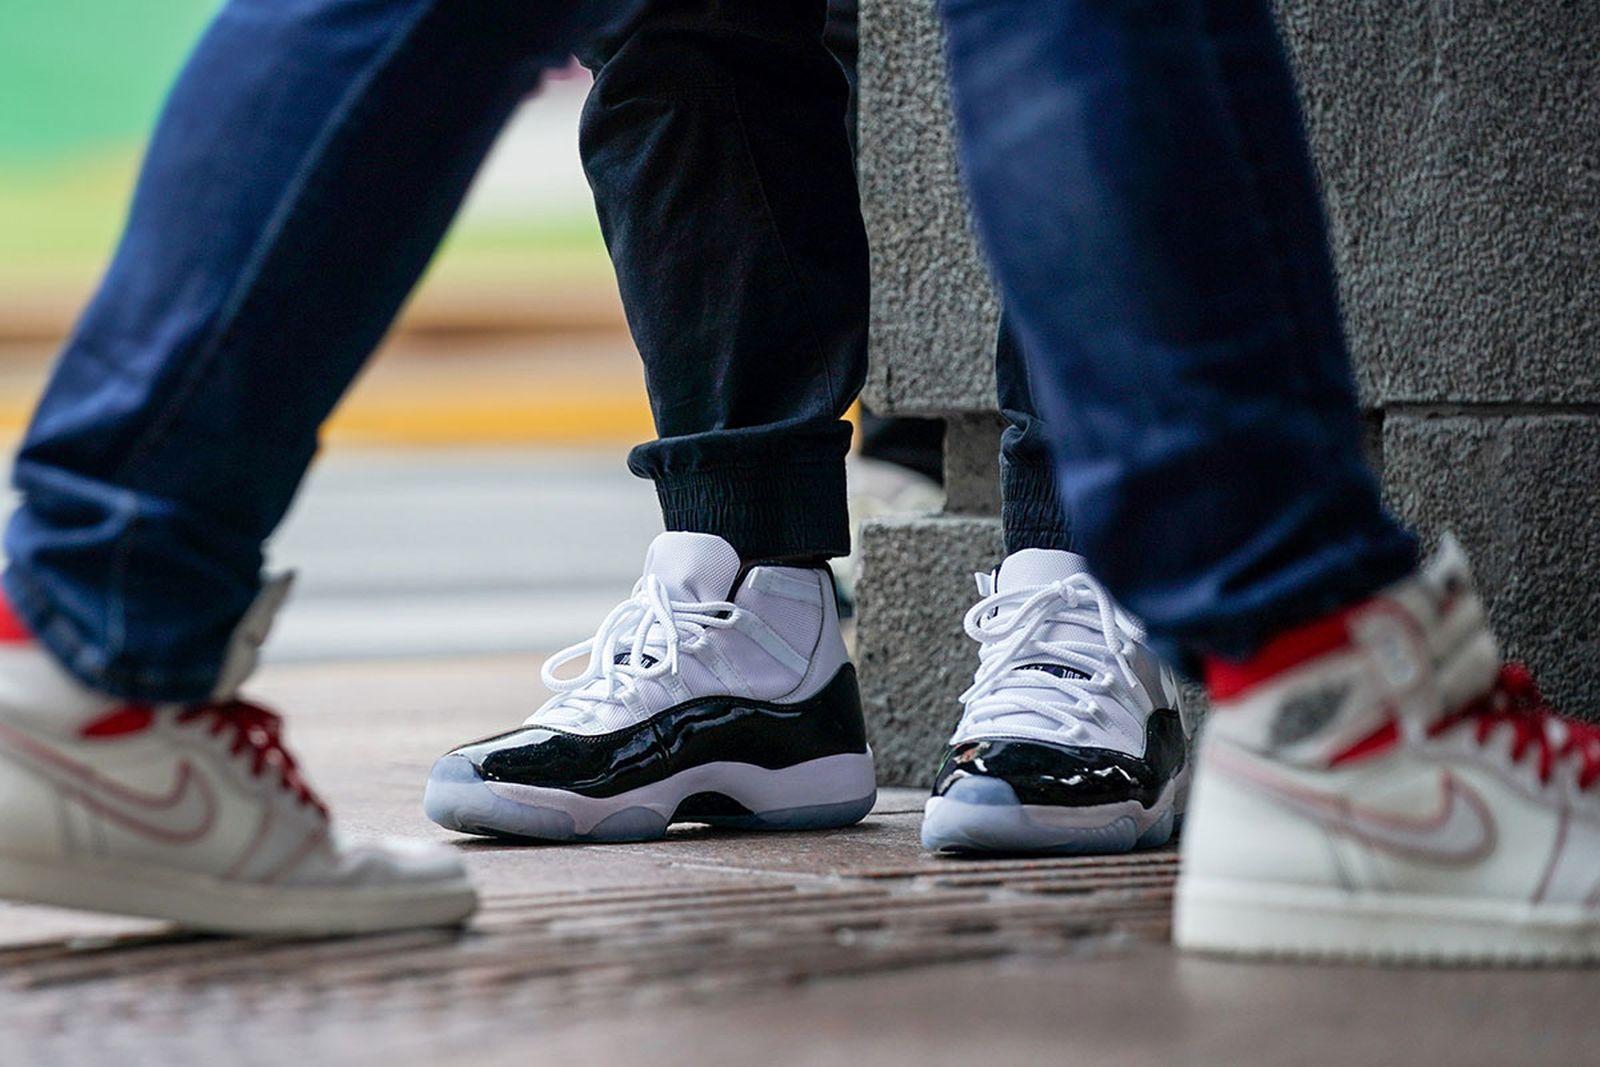 on-foot look at nike air Jordans